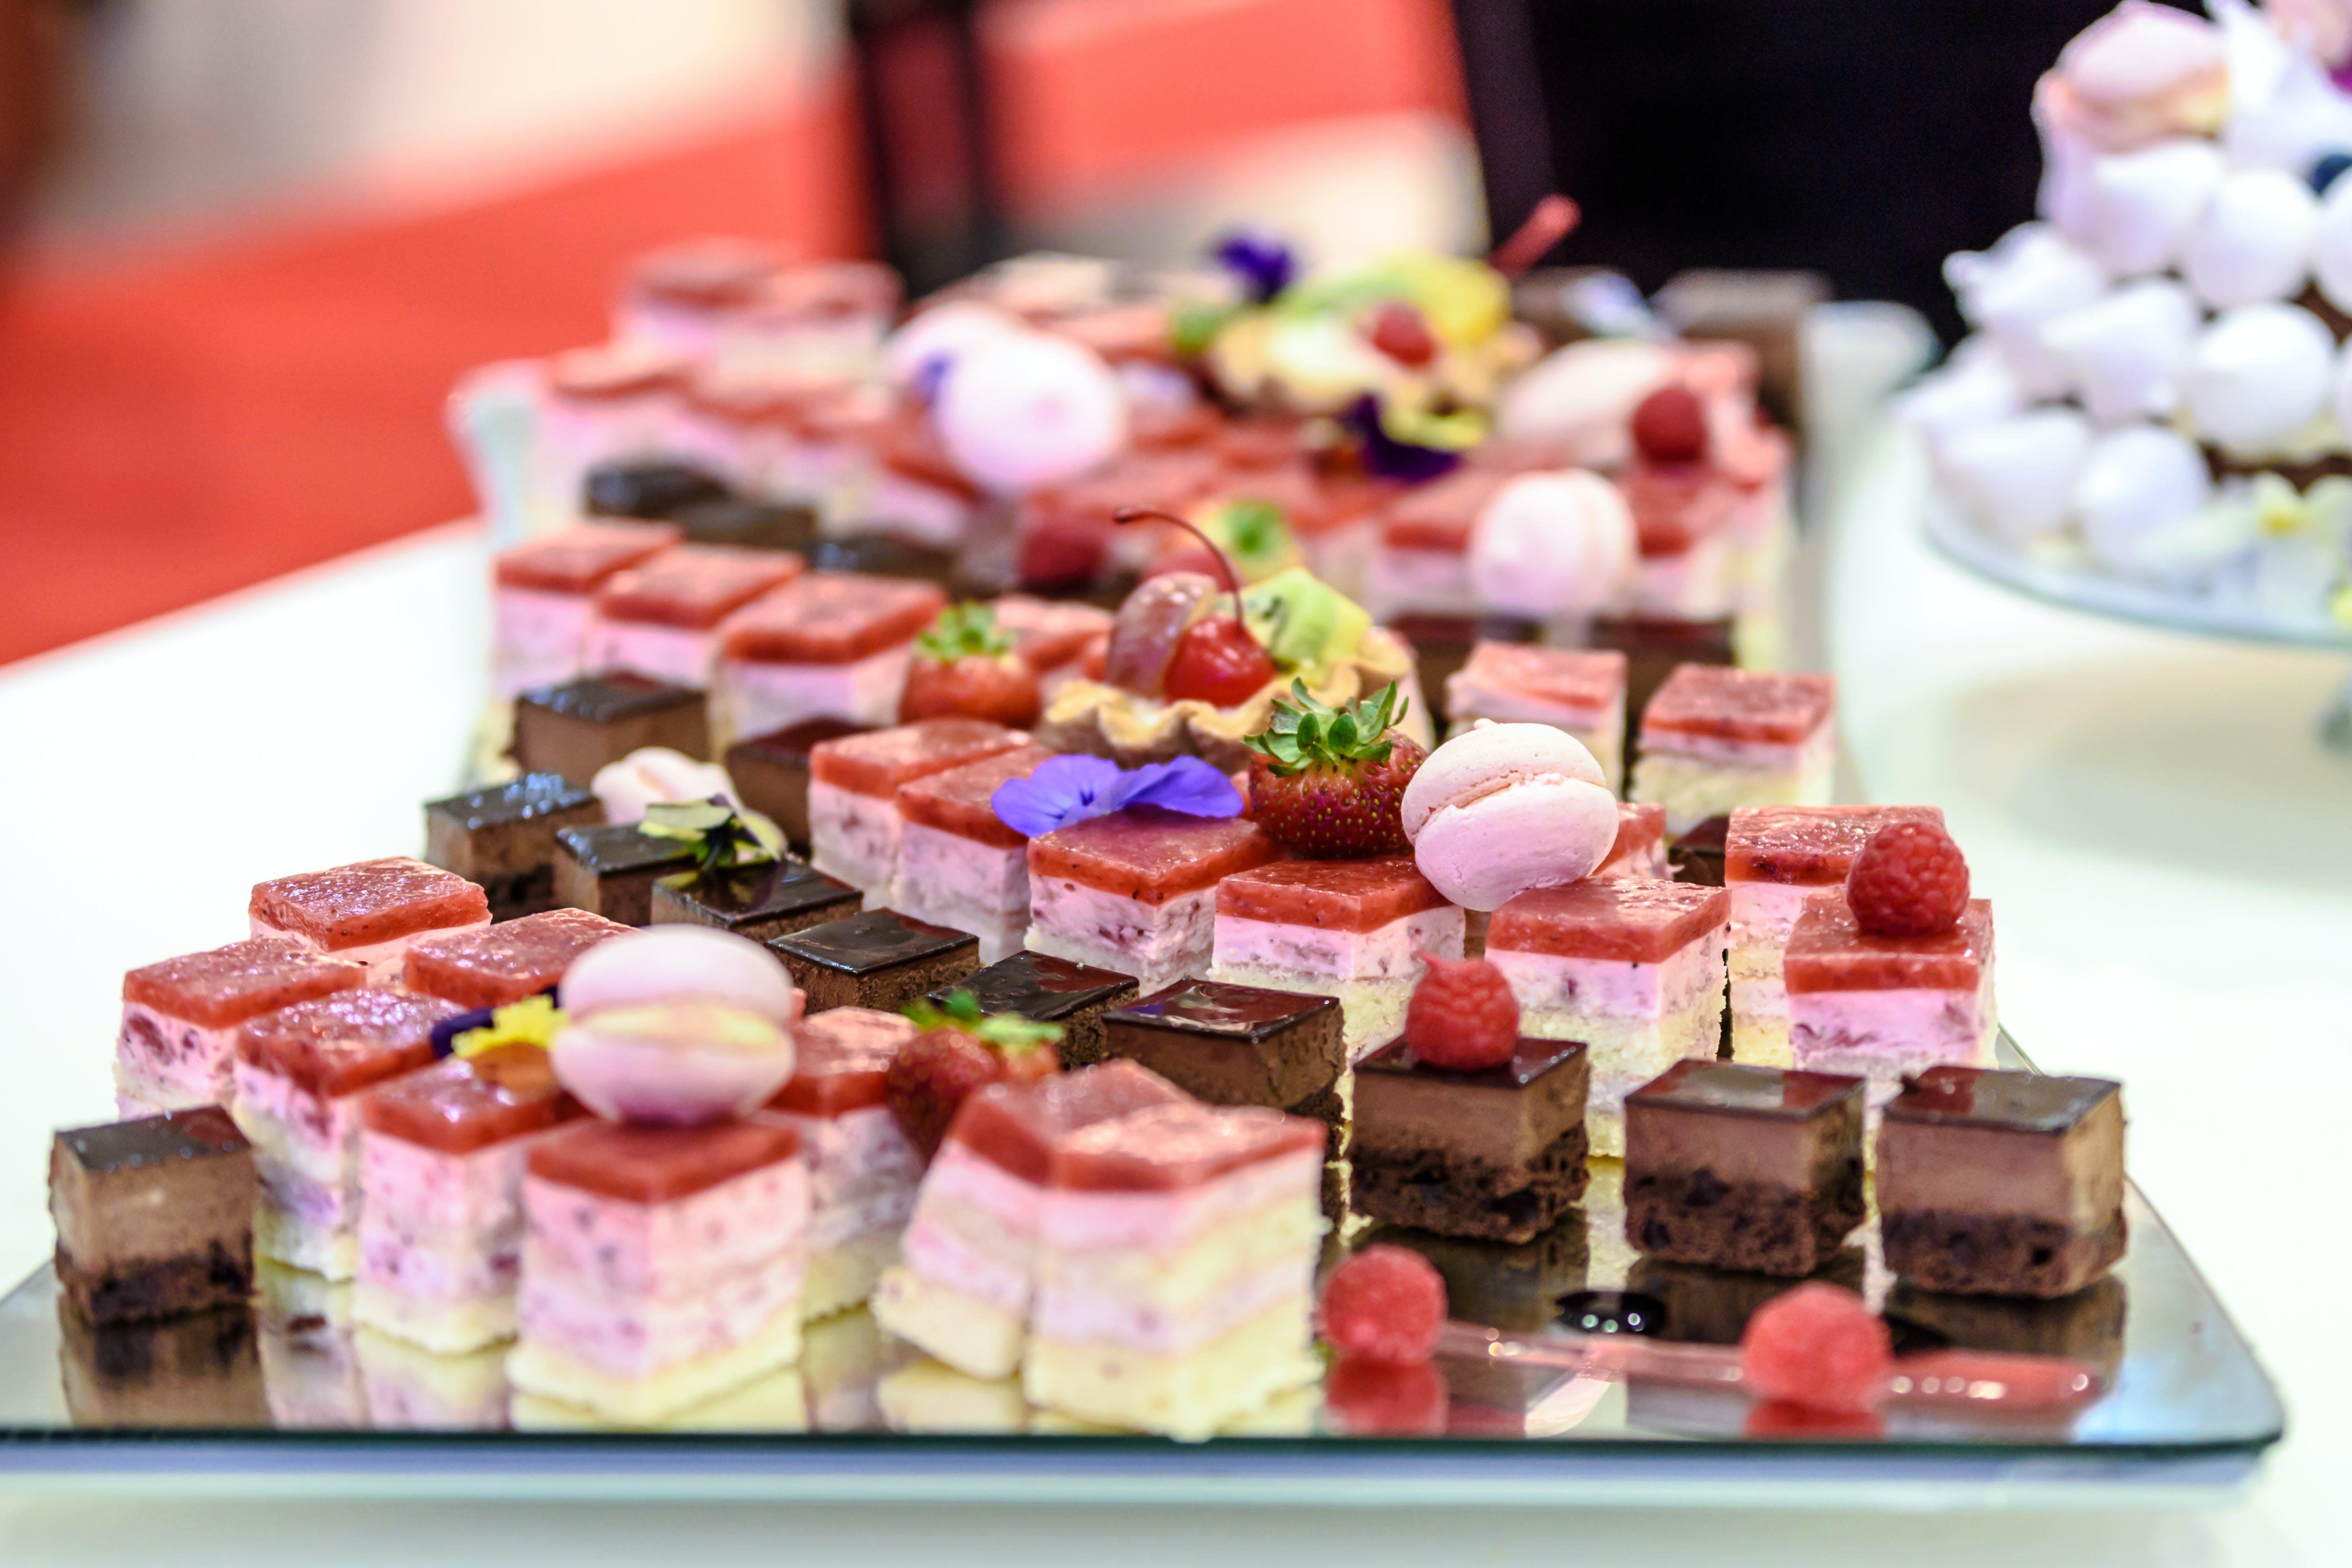 Kostnadsfri bild av mat, skärpedjup, sötsaker, tallrik